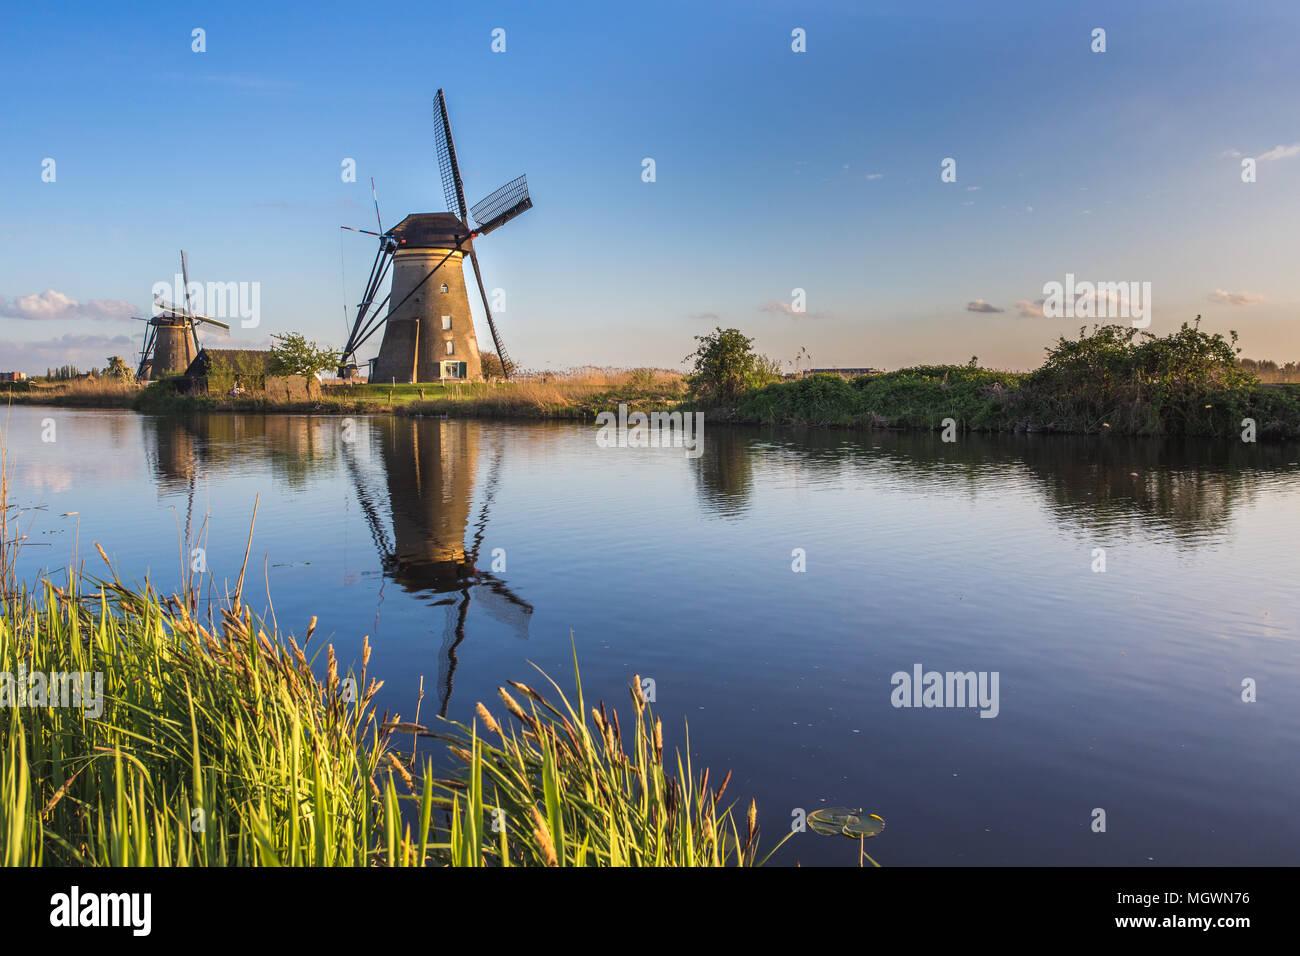 Atardecer en el molino de viento se refleja en el canal Kinderdijk Molenwaard South Holland Holanda Europa Imagen De Stock